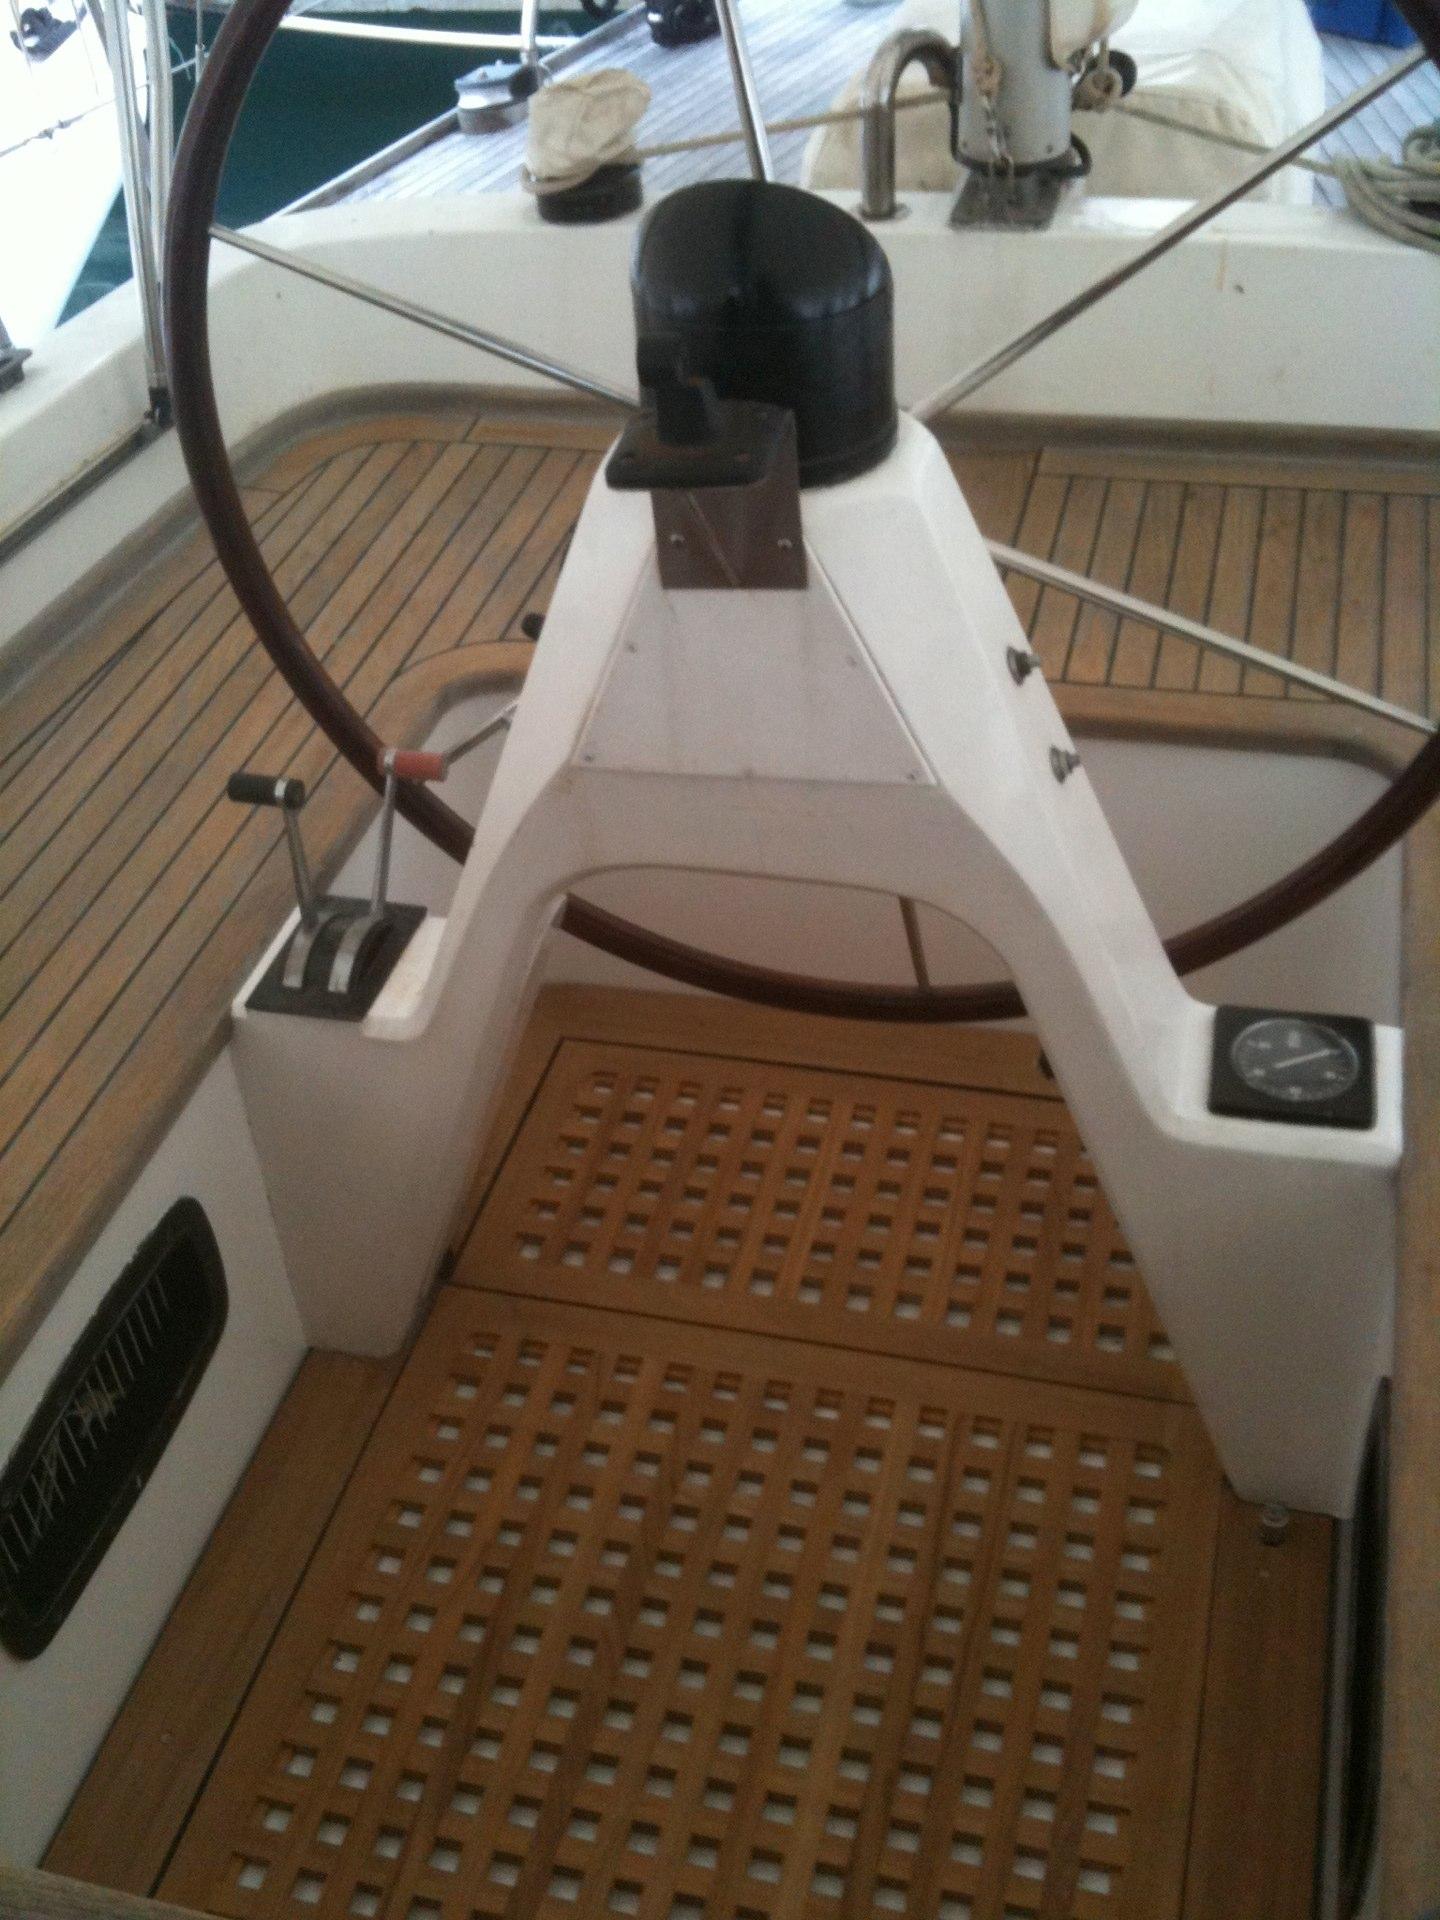 pose de caillebotis charpente marine. Black Bedroom Furniture Sets. Home Design Ideas